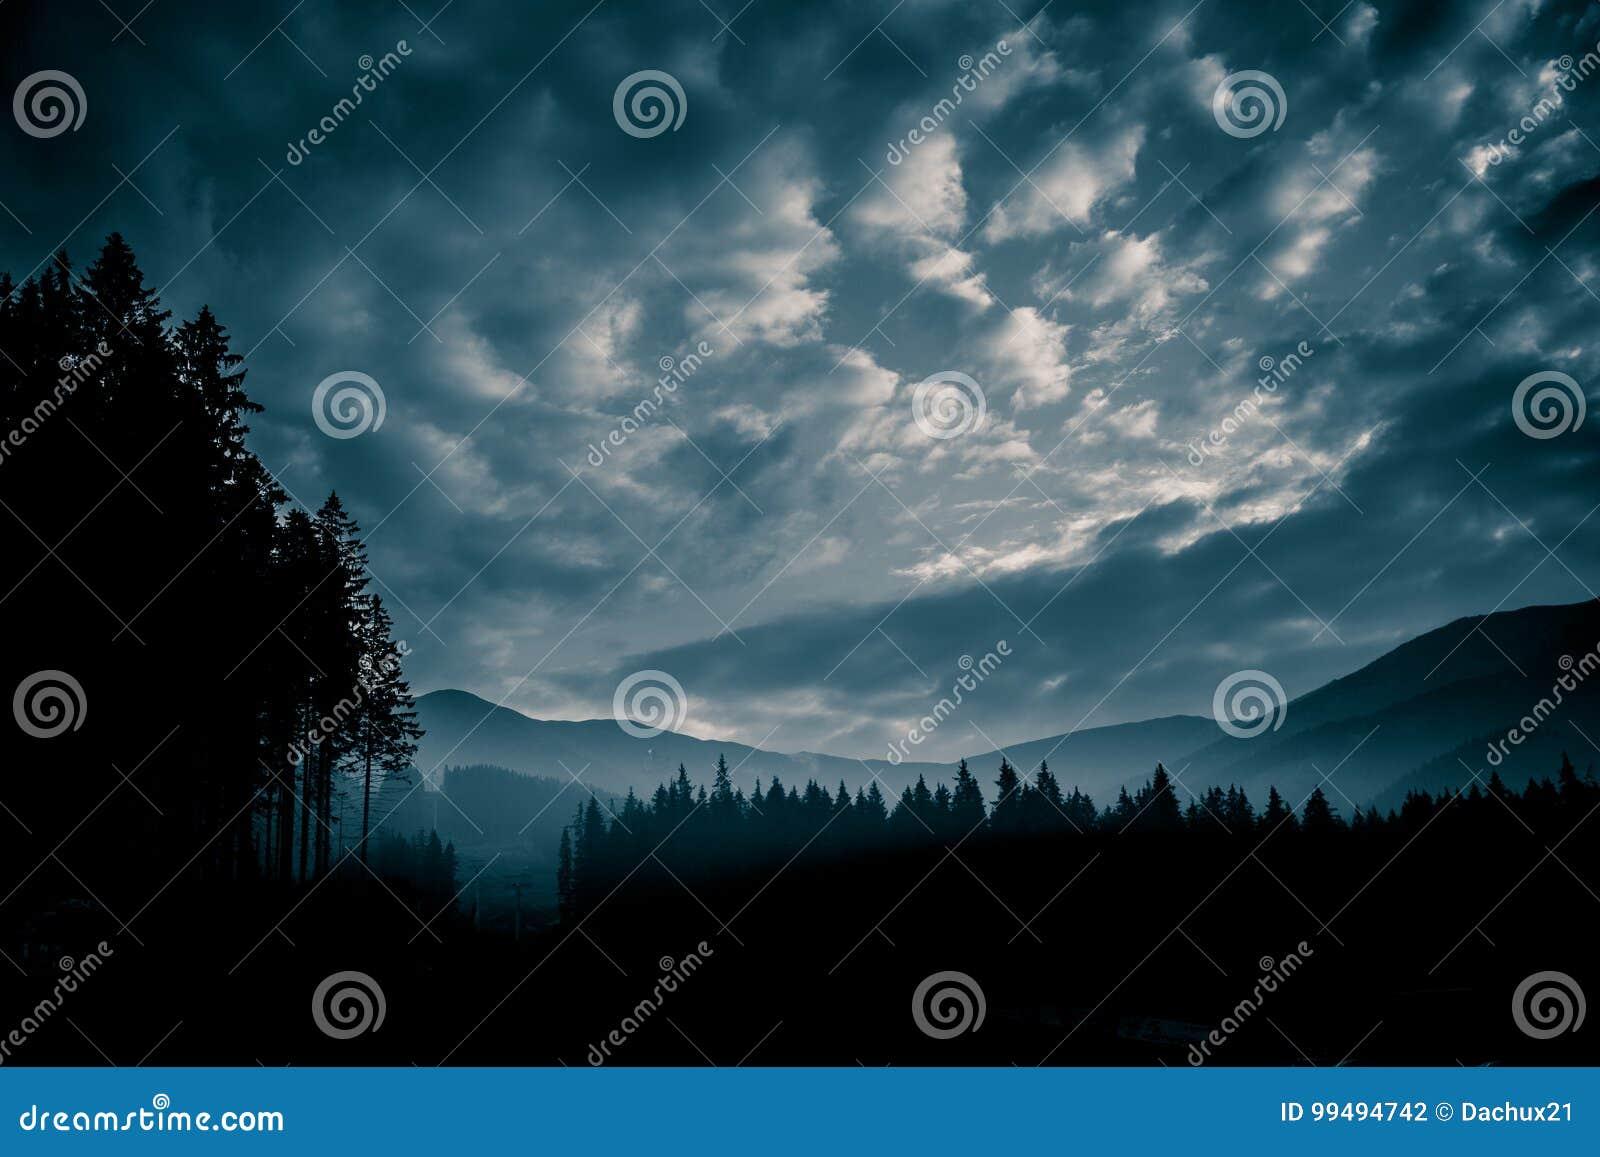 Красивый, абстрактный monochrome ландшафт горы в голубой тональности